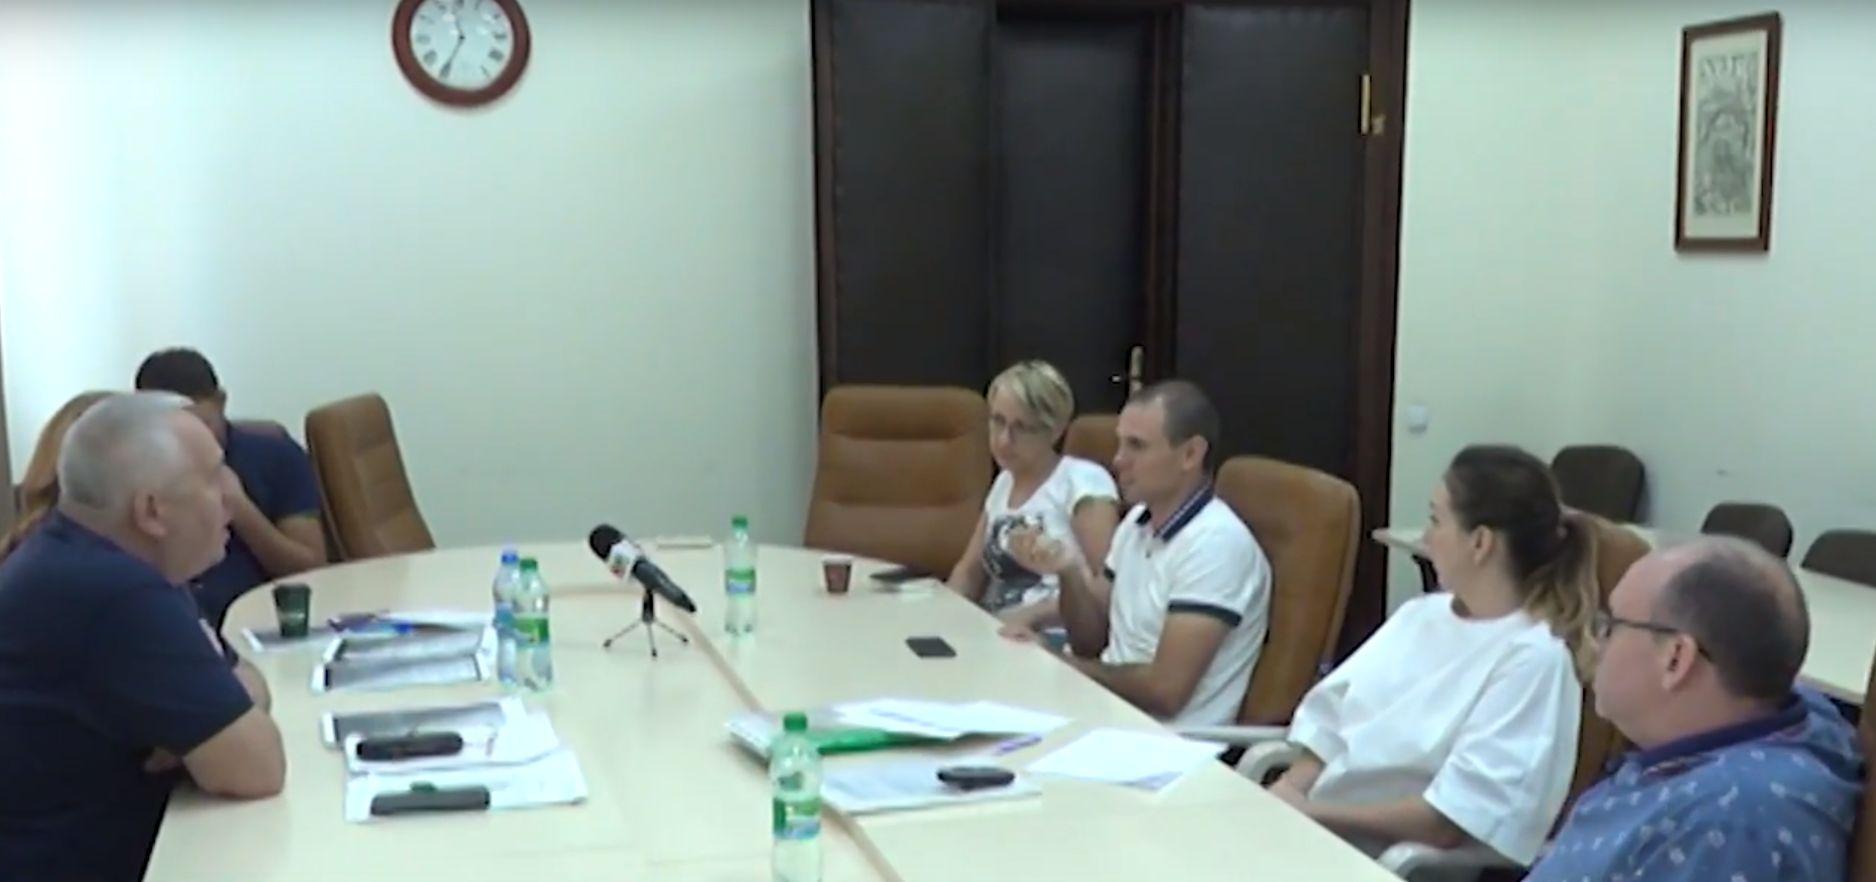 Исаков требует от мэра Николаева явку чиновников и депутатов на комиссию по управляющим компаниям (ВИДЕО)